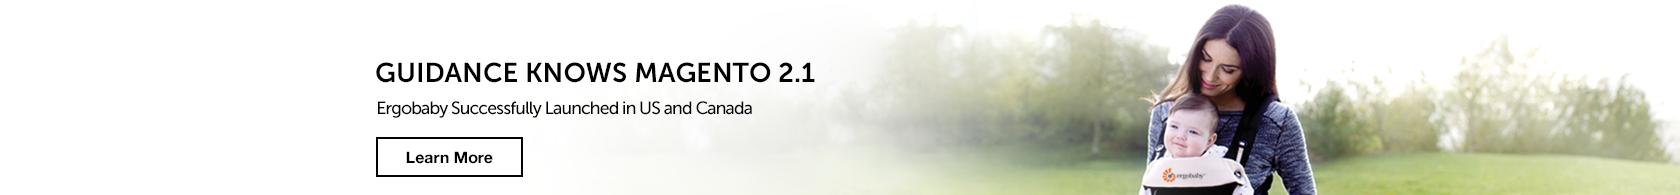 GUI_Magento2.1_top-banner_1680x195_v3_0